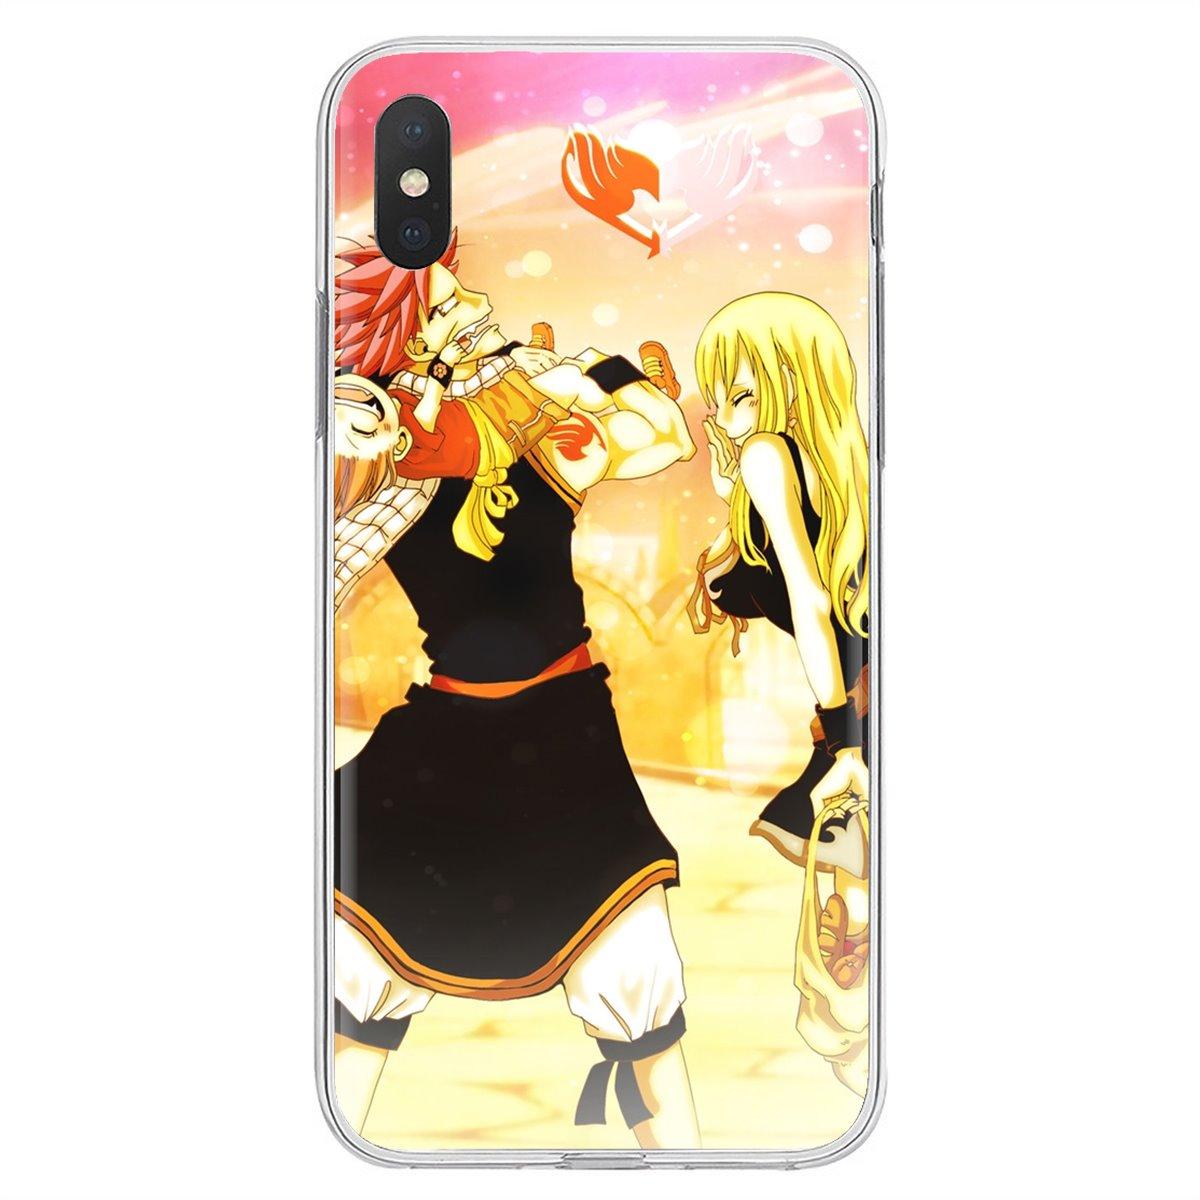 Para Xiaomi Redmi 4A 7A S2 Nota 8 3S 3S 4 4X4 5X5 6 Plus 7 6A Pro teléfono móvil F1 cola de hadas Natsu y Lucy papel de silicona cubierta de la bolsa